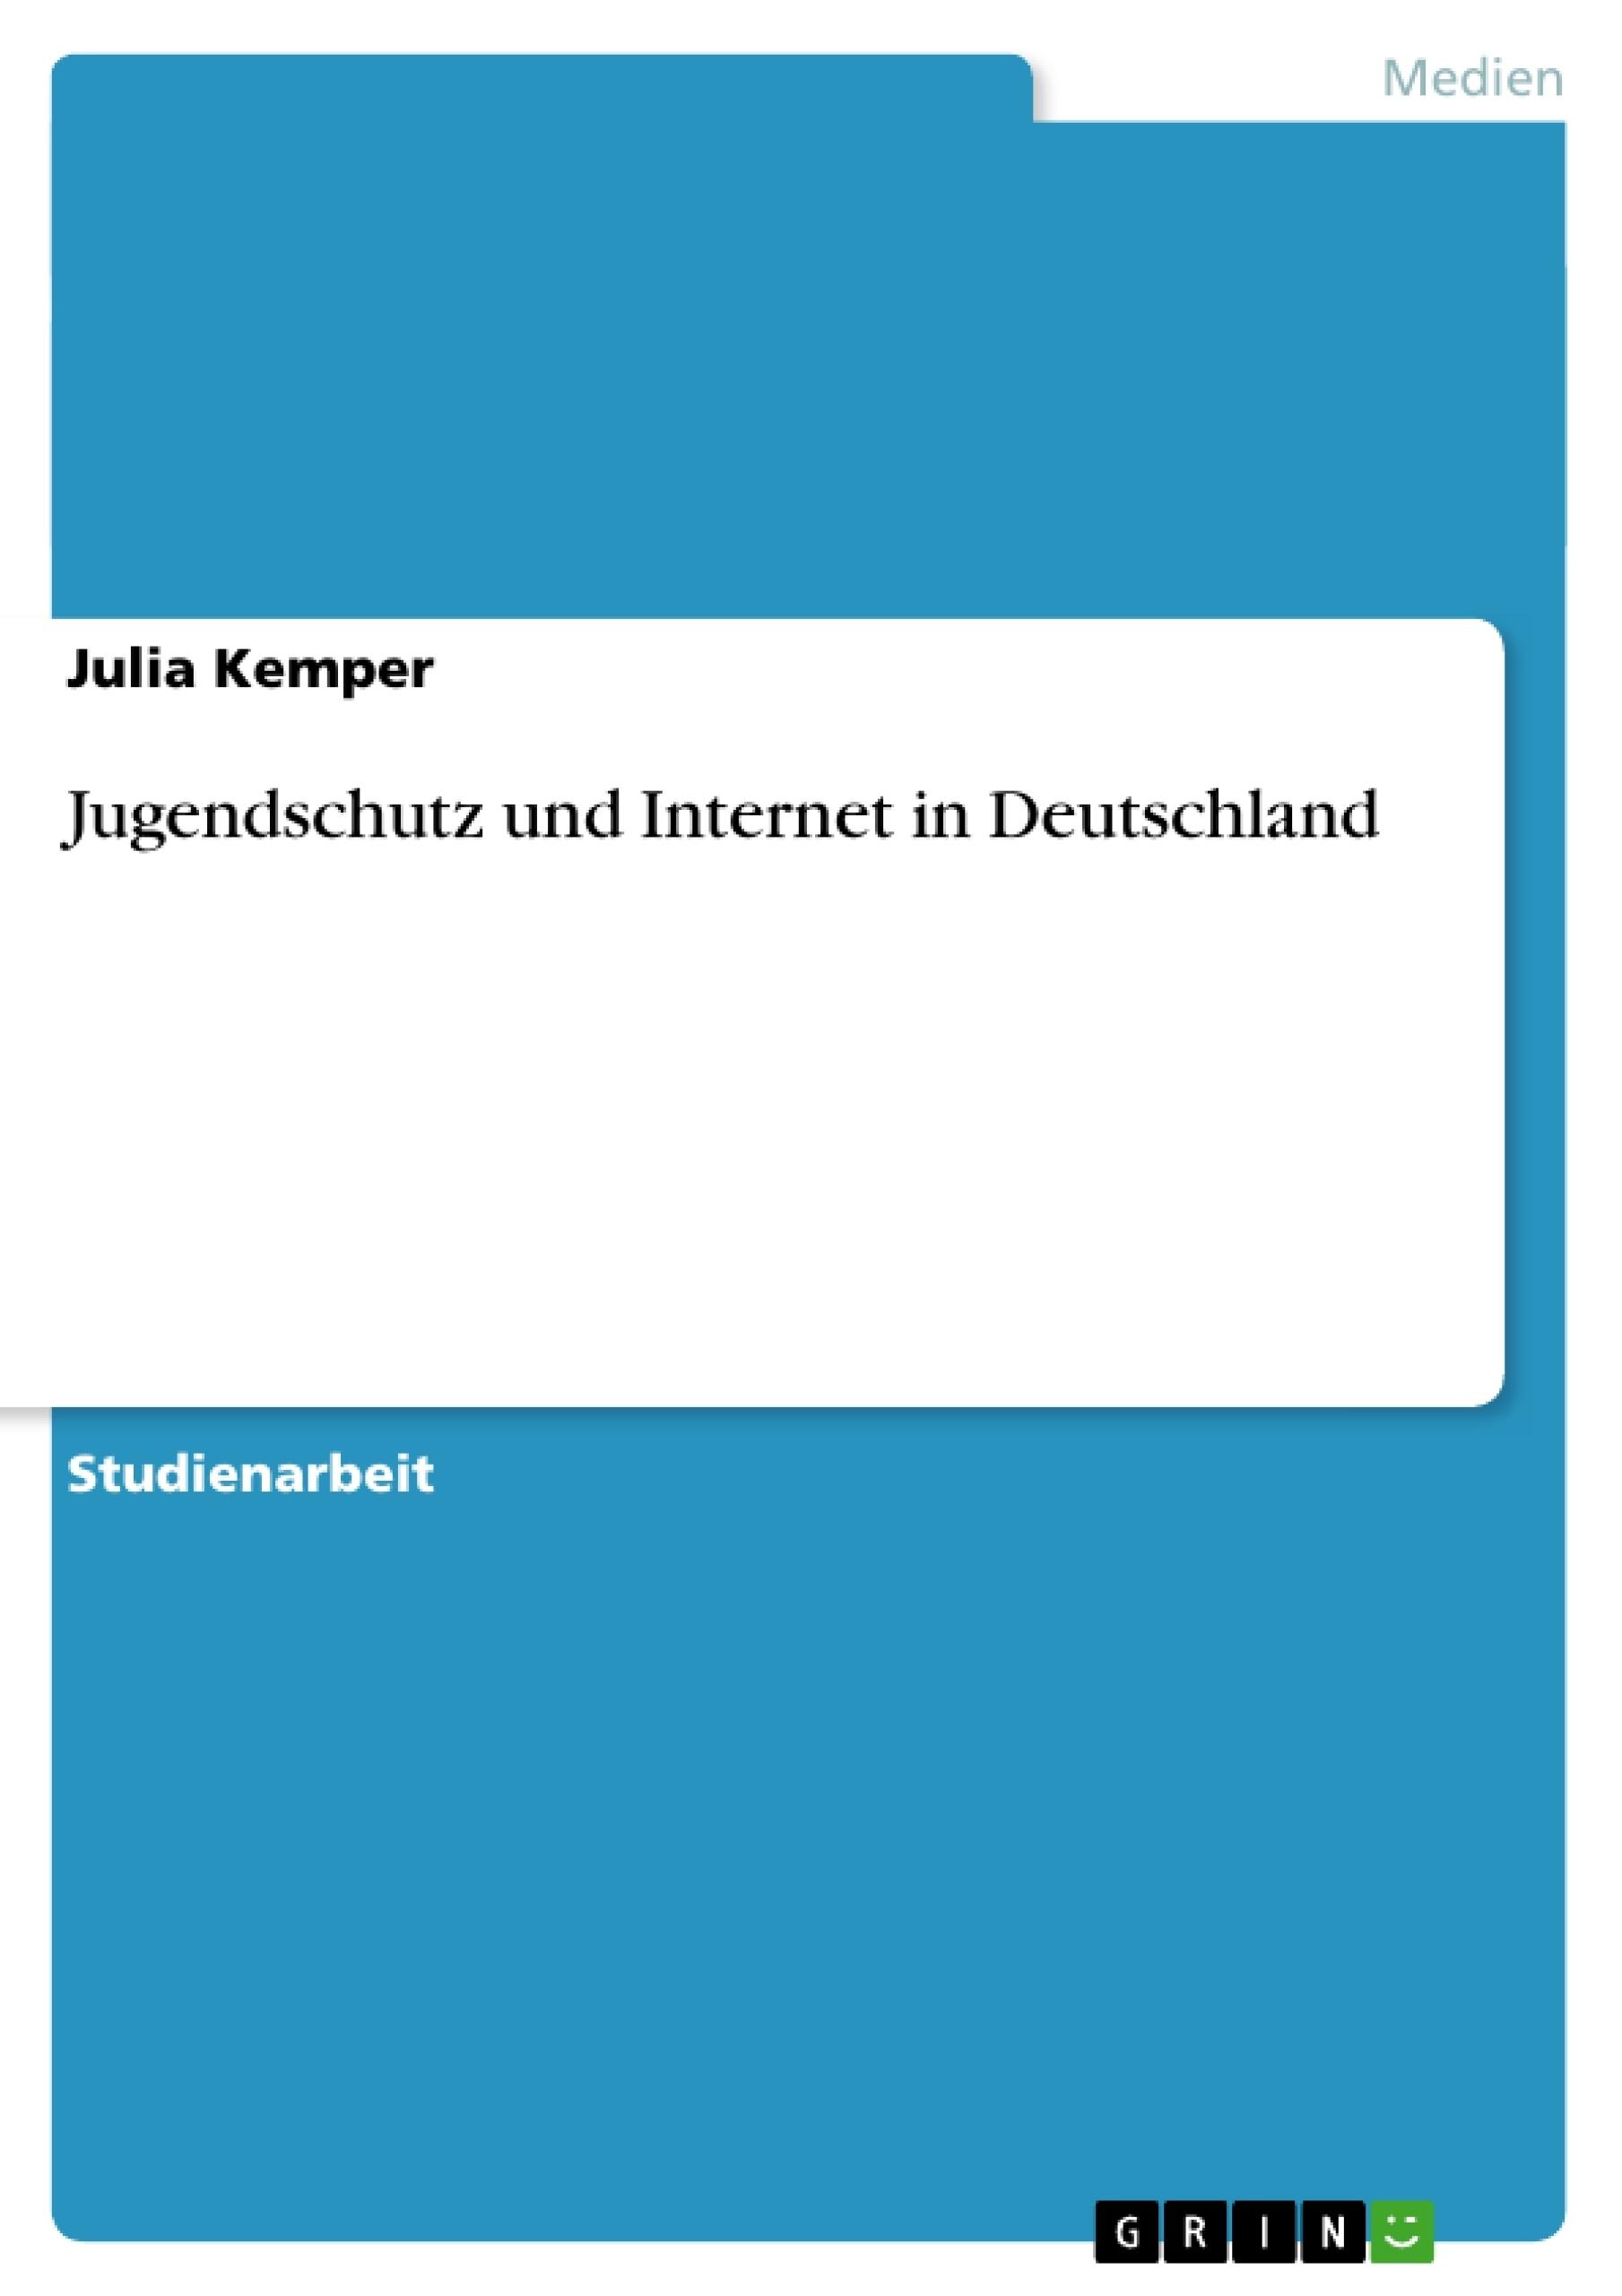 Titel: Jugendschutz und Internet in Deutschland